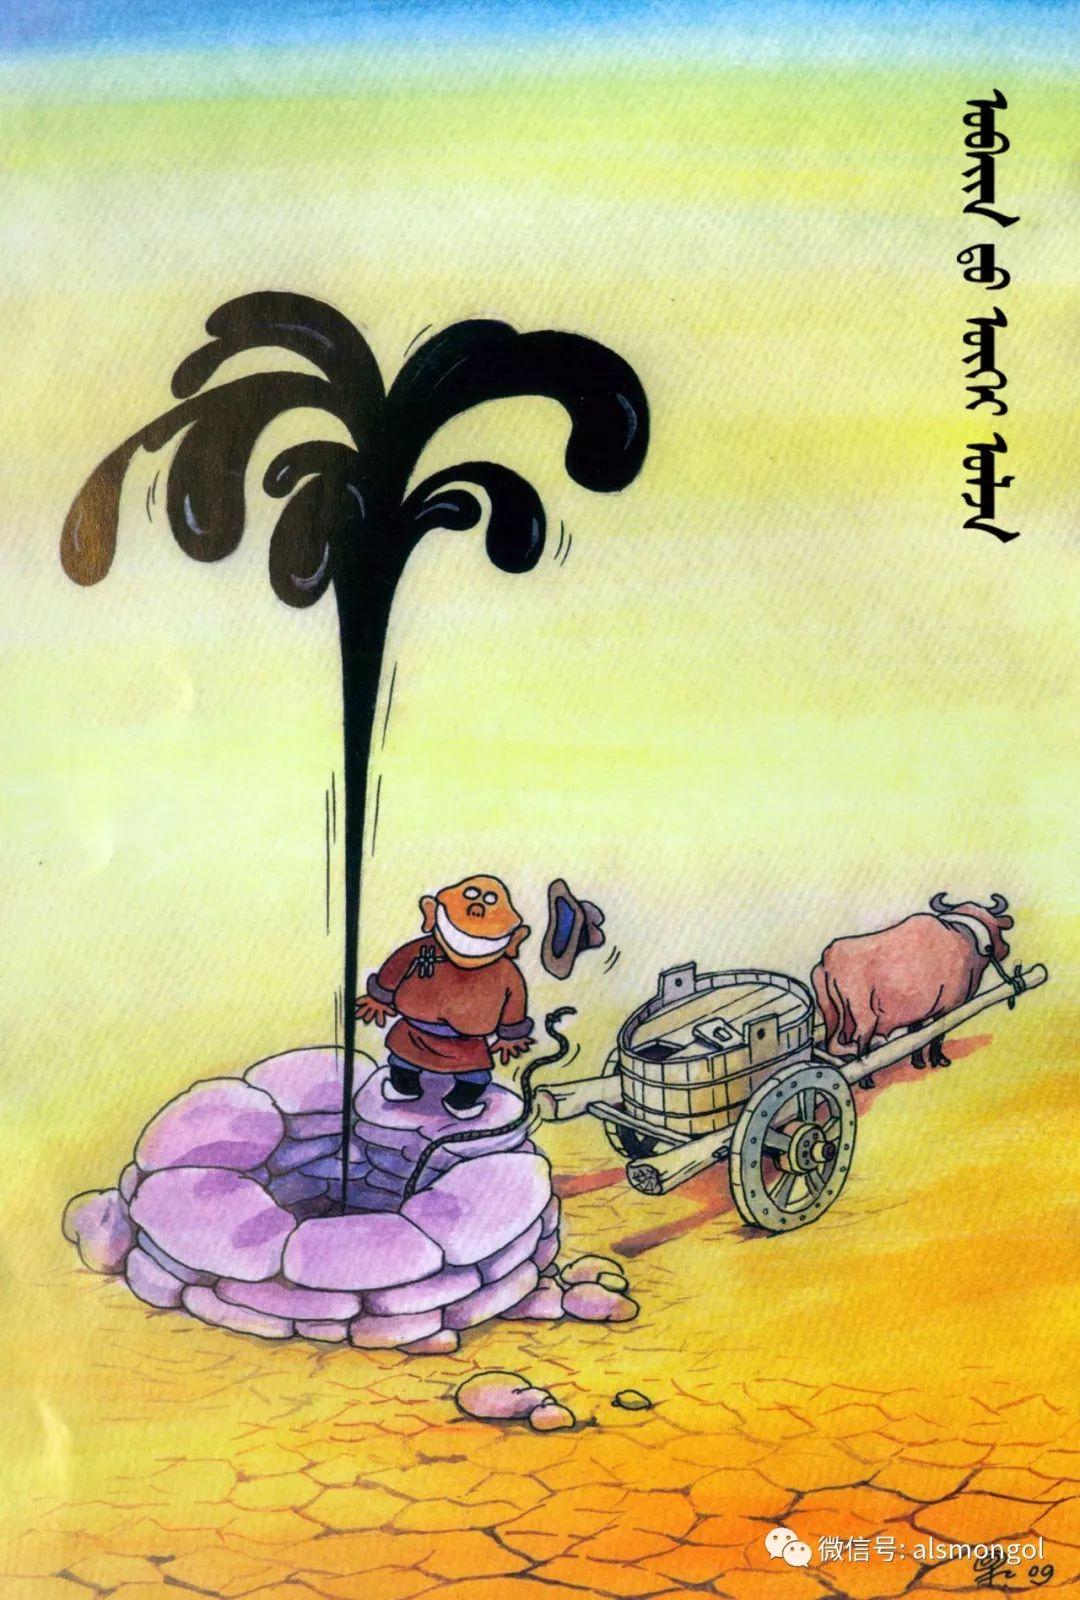 值得一看的蒙古漫画! 第4张 值得一看的蒙古漫画! 蒙古画廊